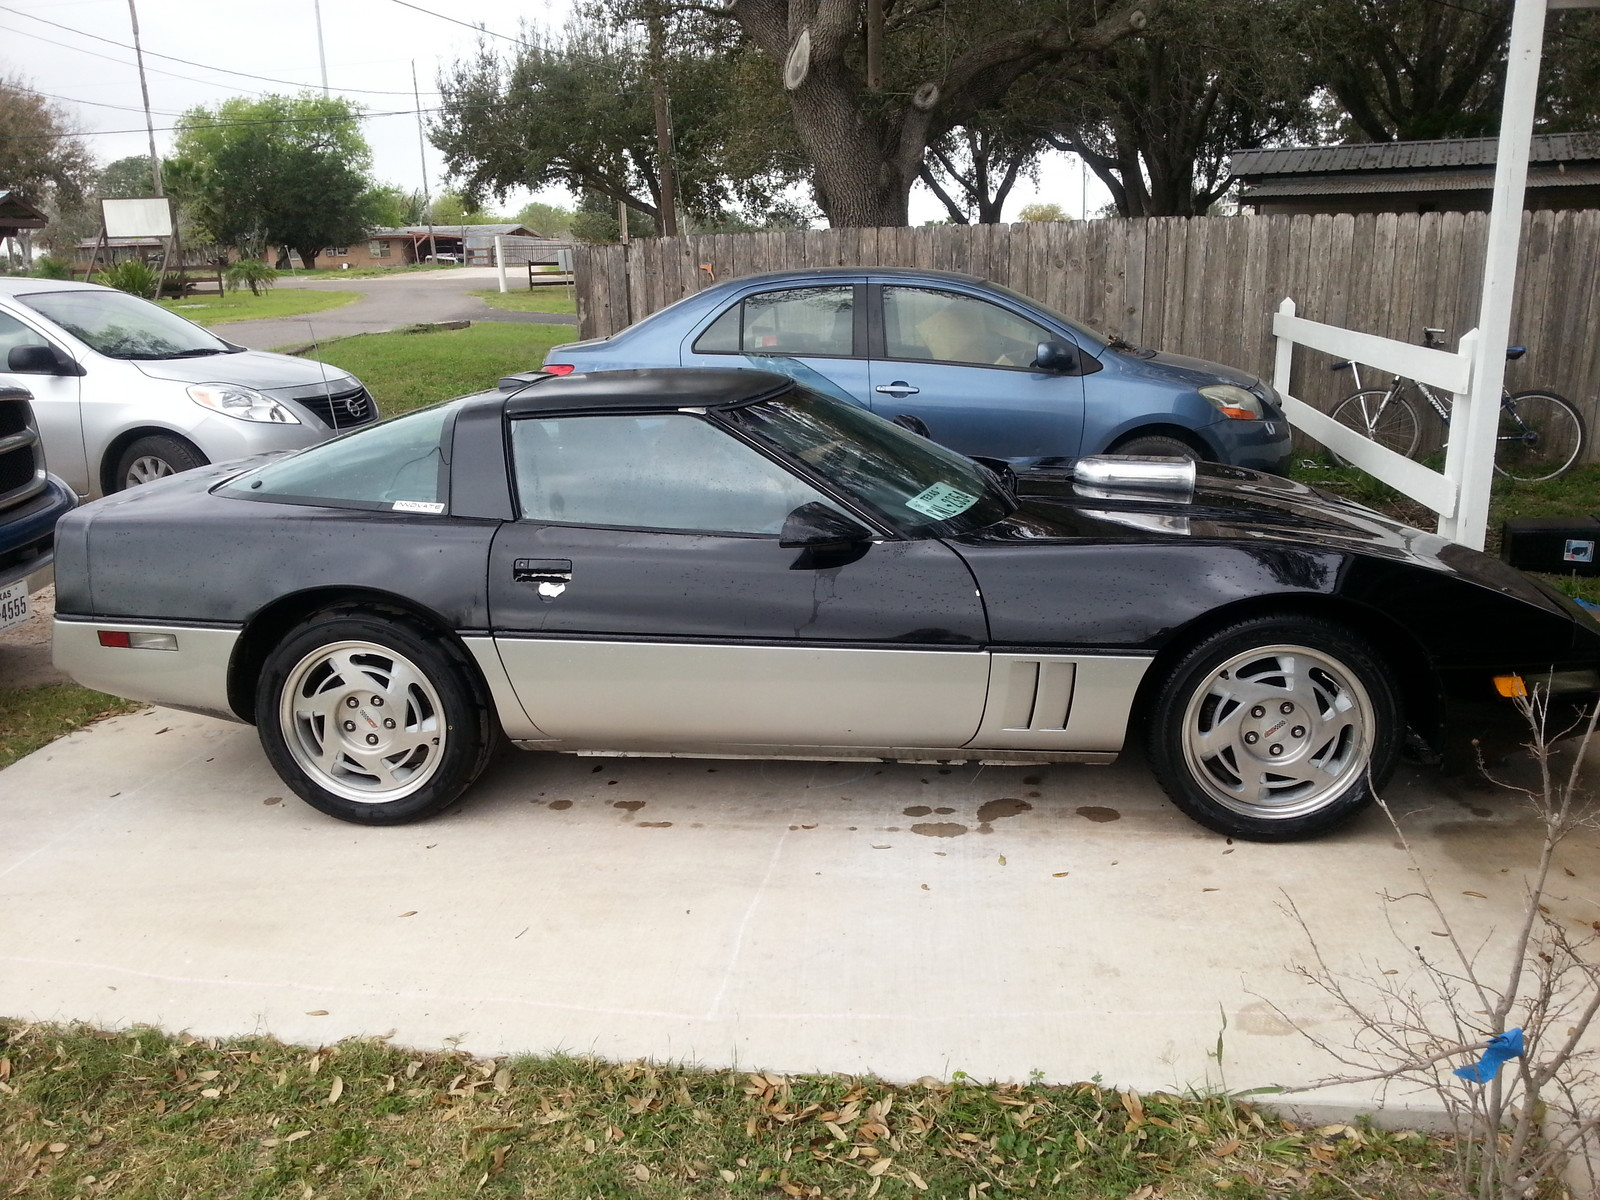 Chevrolet Corvette  runs 11.030 @ 124.130 MPH in the 1/4 mile